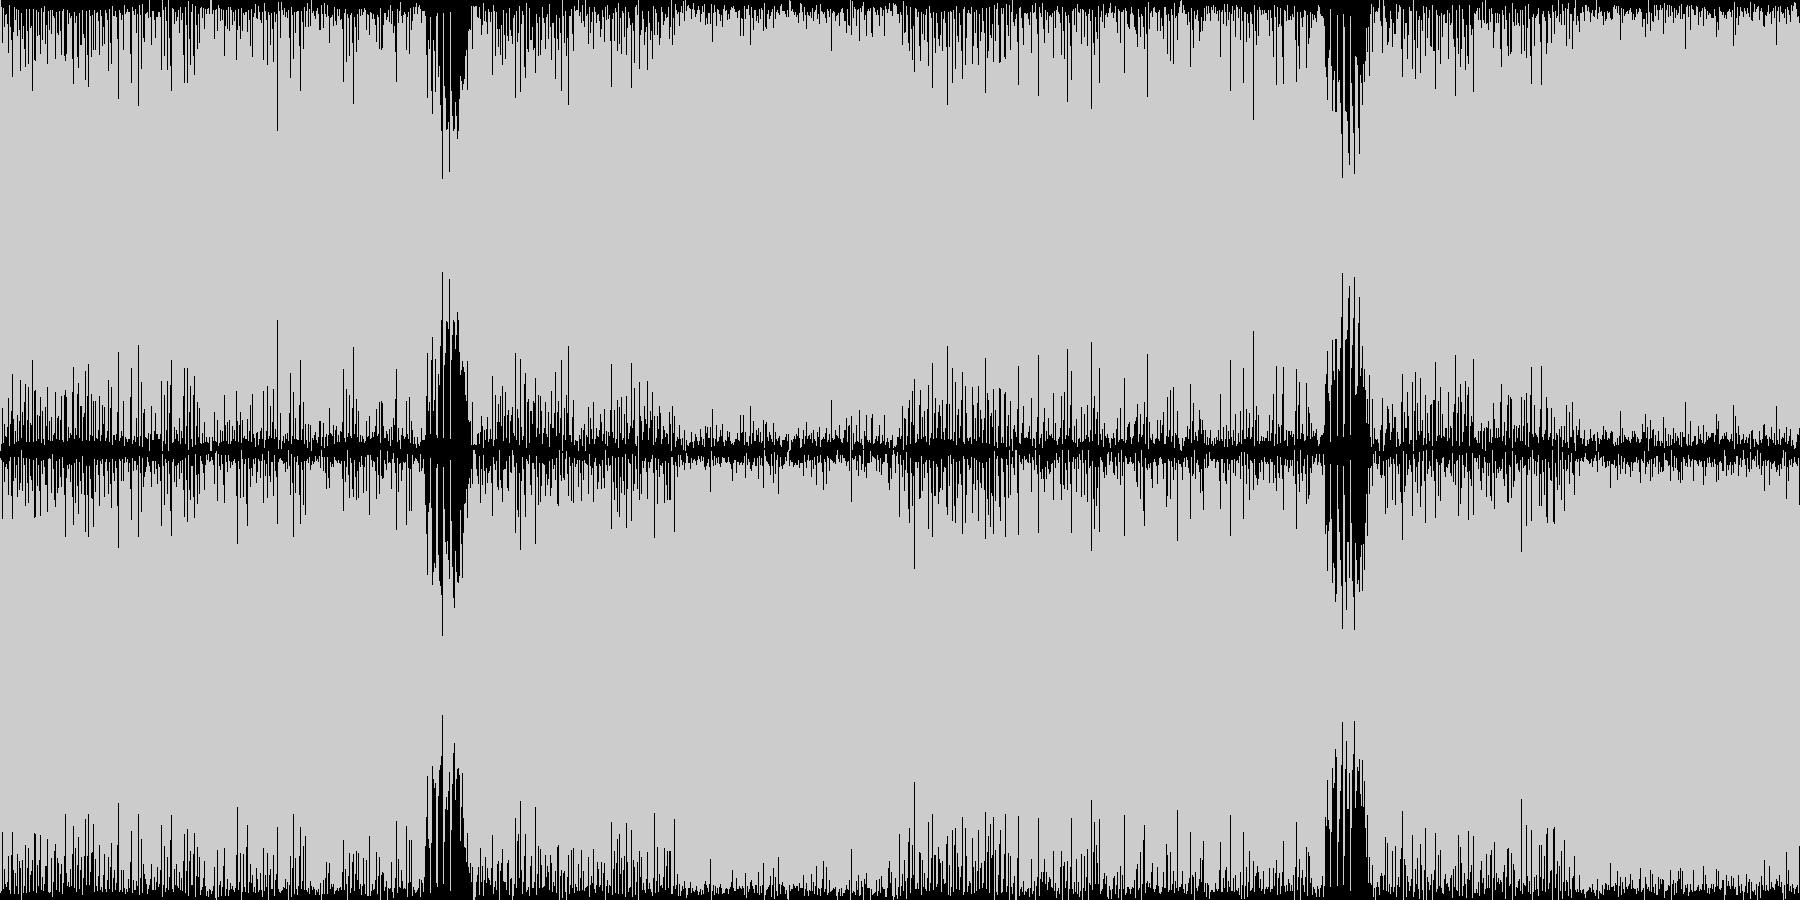 ジュリアナ系ハイパーテクノレイブ神秘的2の未再生の波形